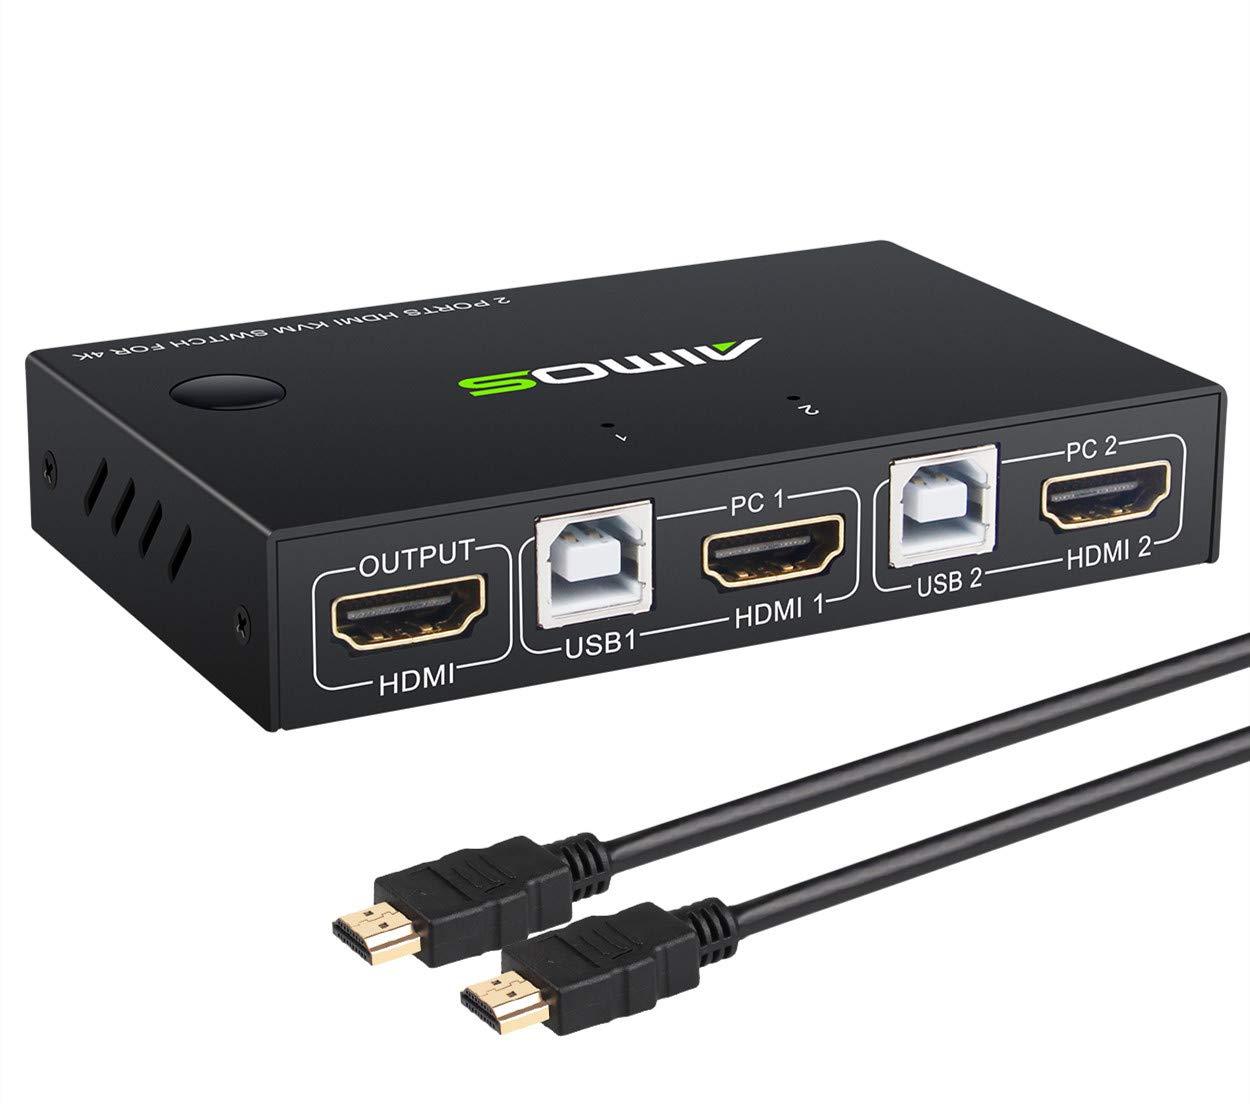 AIMOS USB 3.0 Switch Impresoras 2 Entradas y 4 Salidas USB Conmutador para Compartir 4 Dispositivos de Teclado Esc/áneres Disco Duro Rat/ón